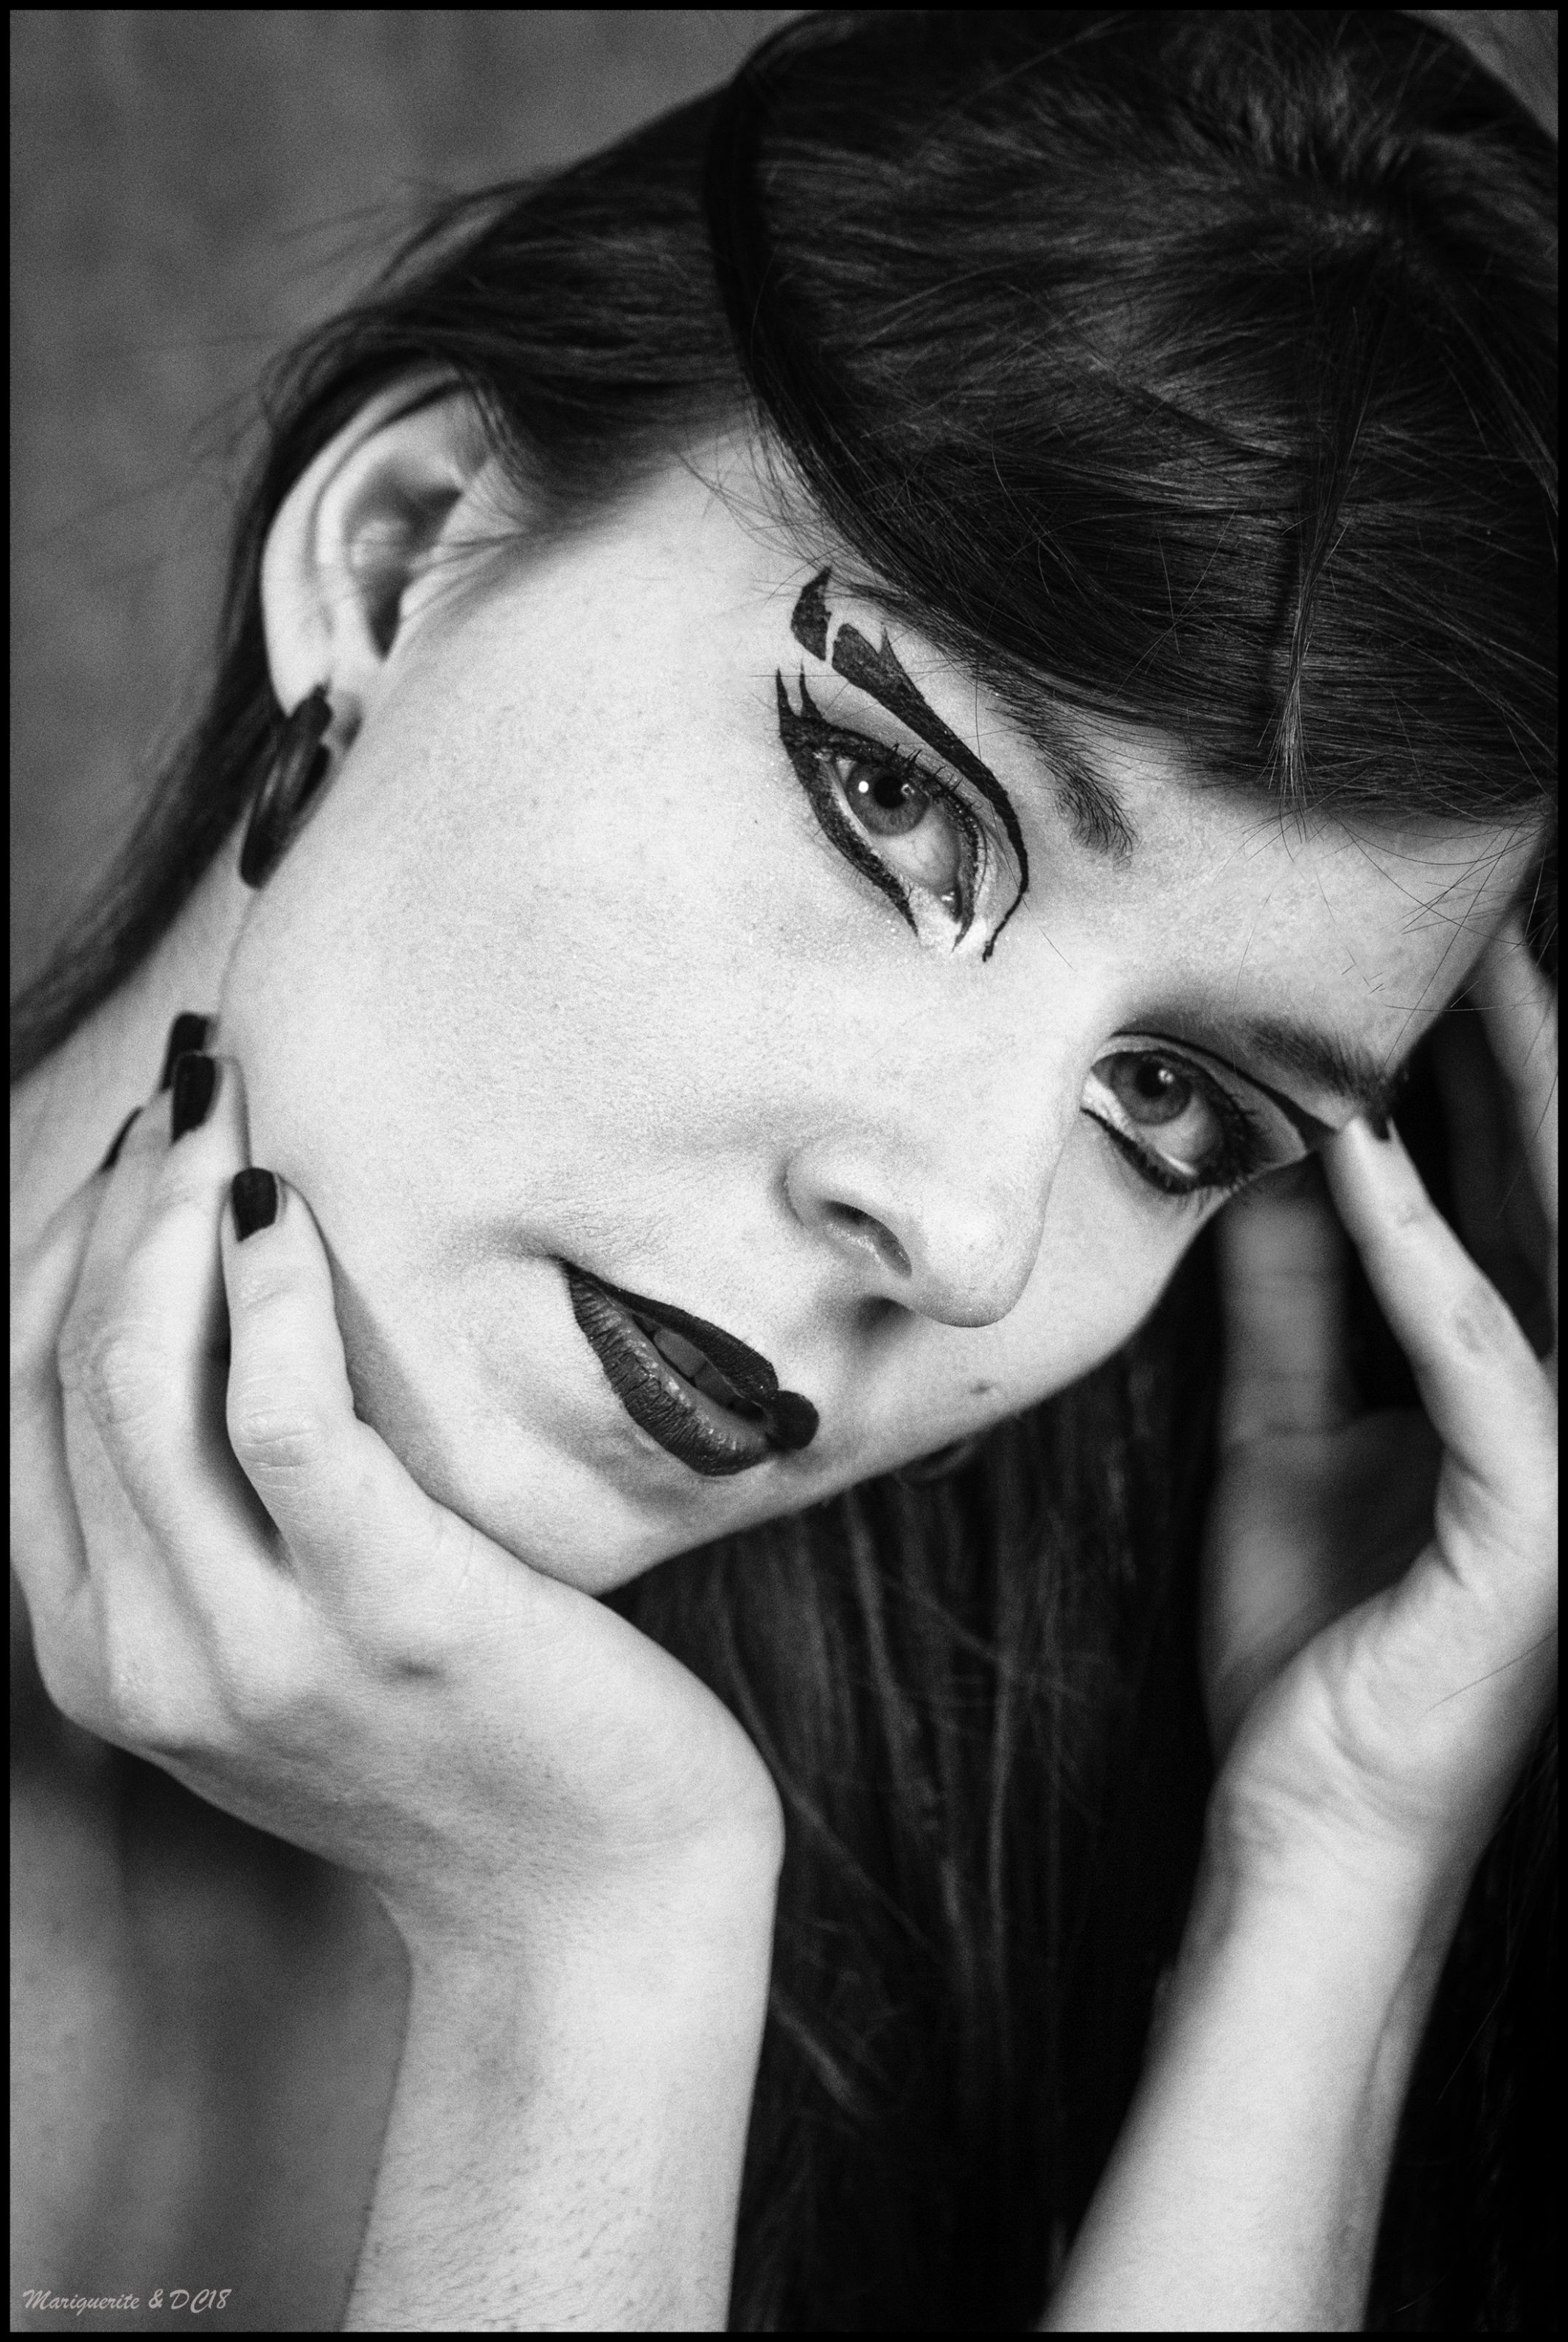 portrait maquillage transhumaniste post human noir et blanc